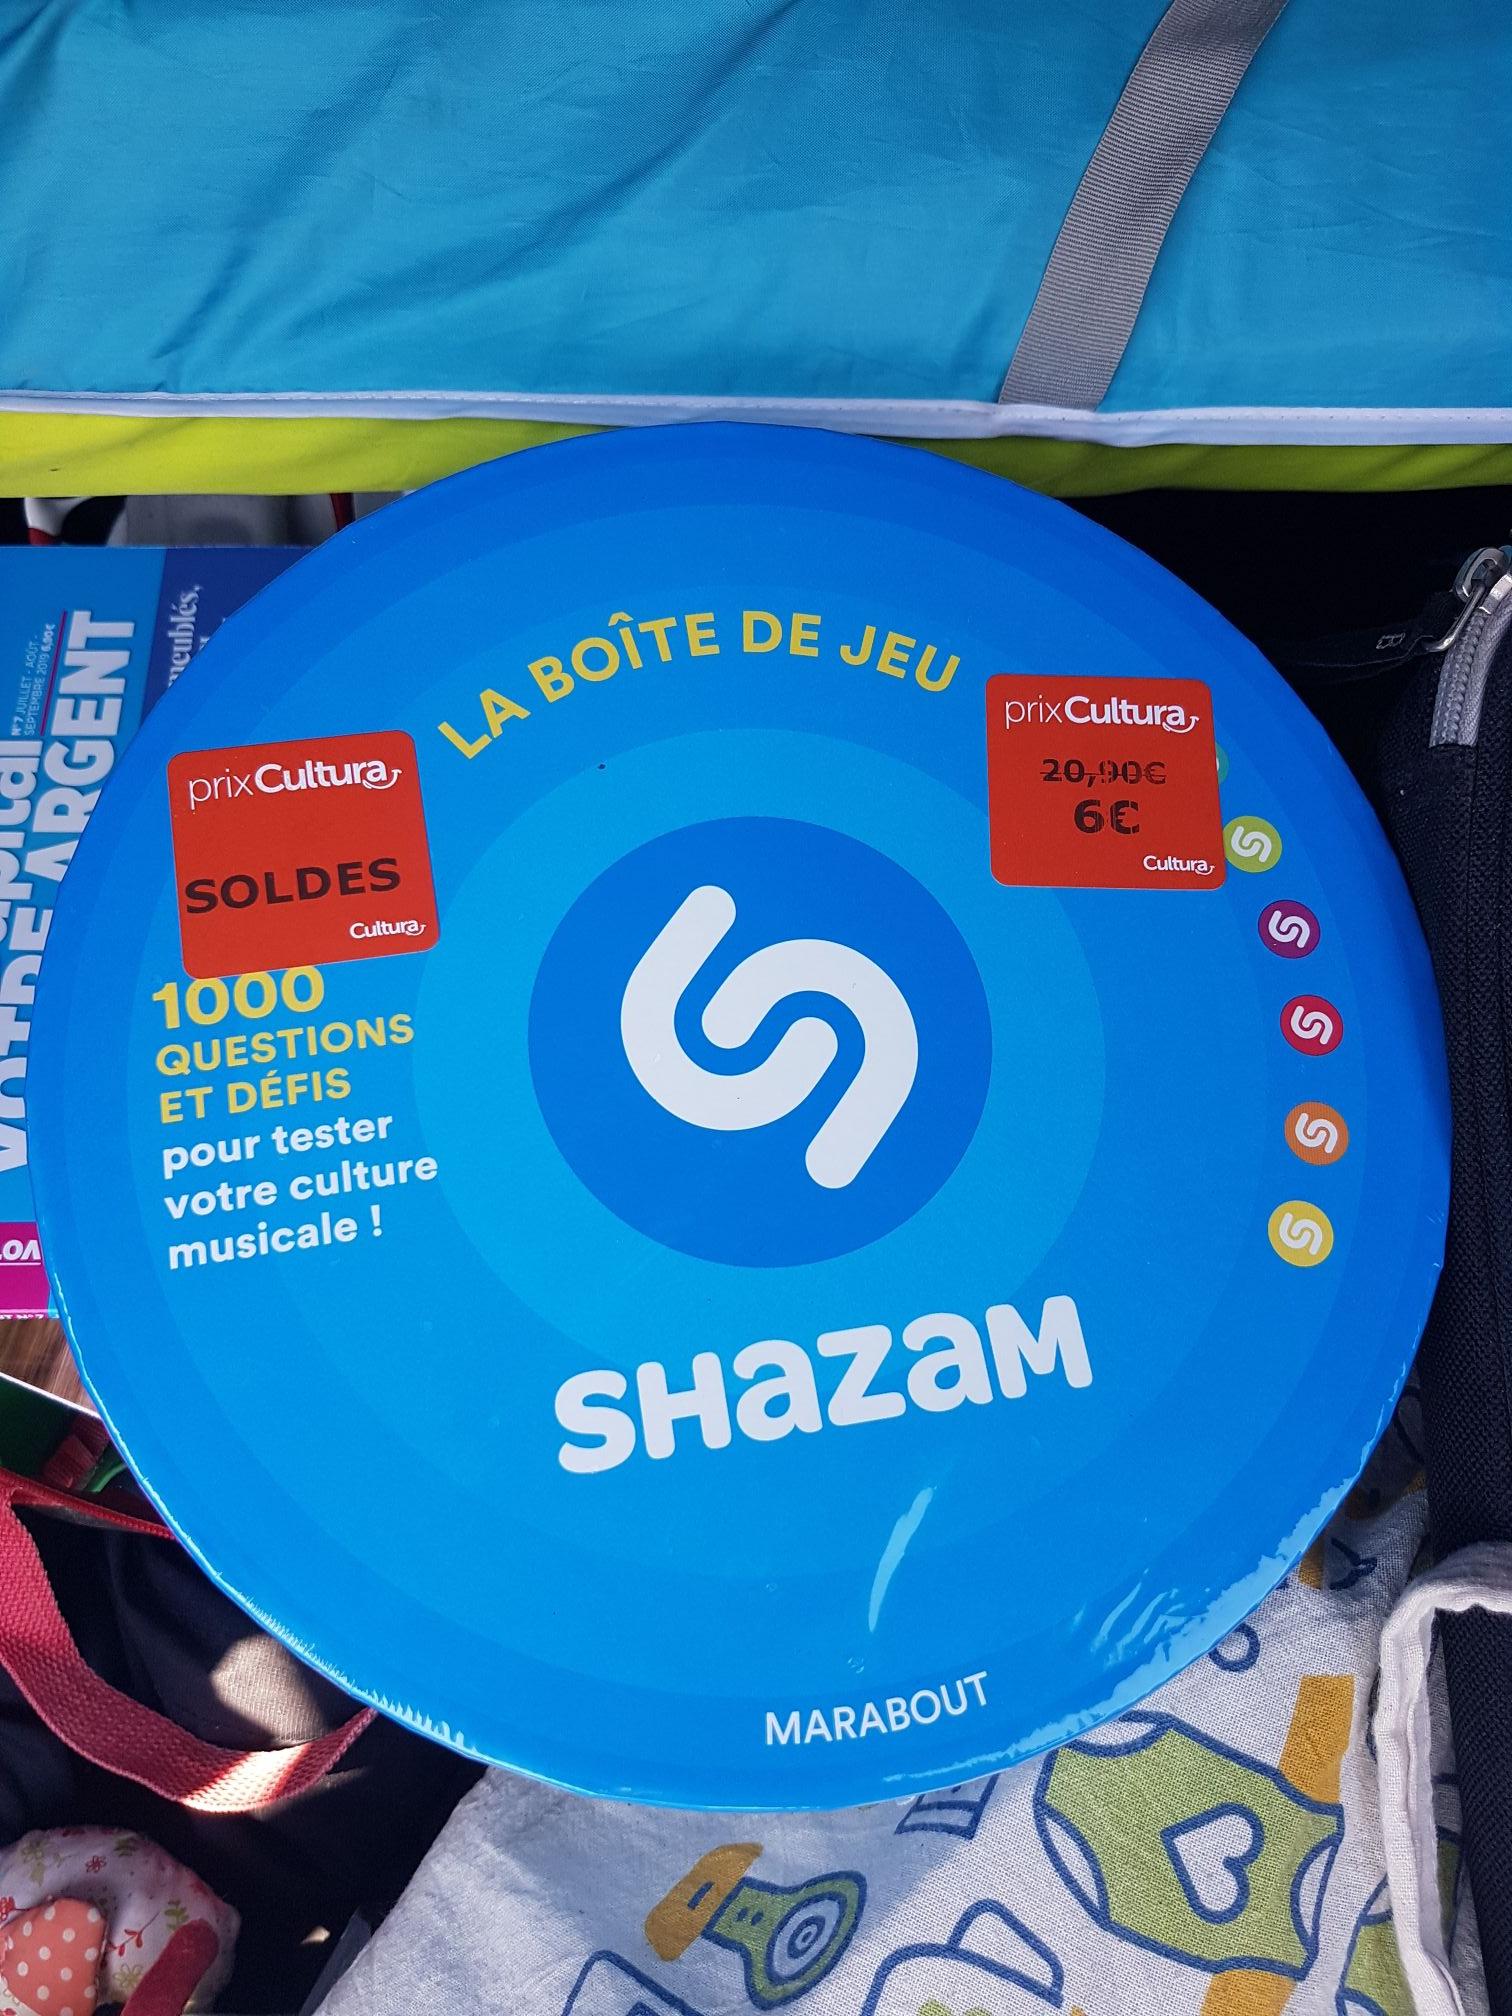 Jeu de société Shazam - Mandelieu-la-Napoule (06)